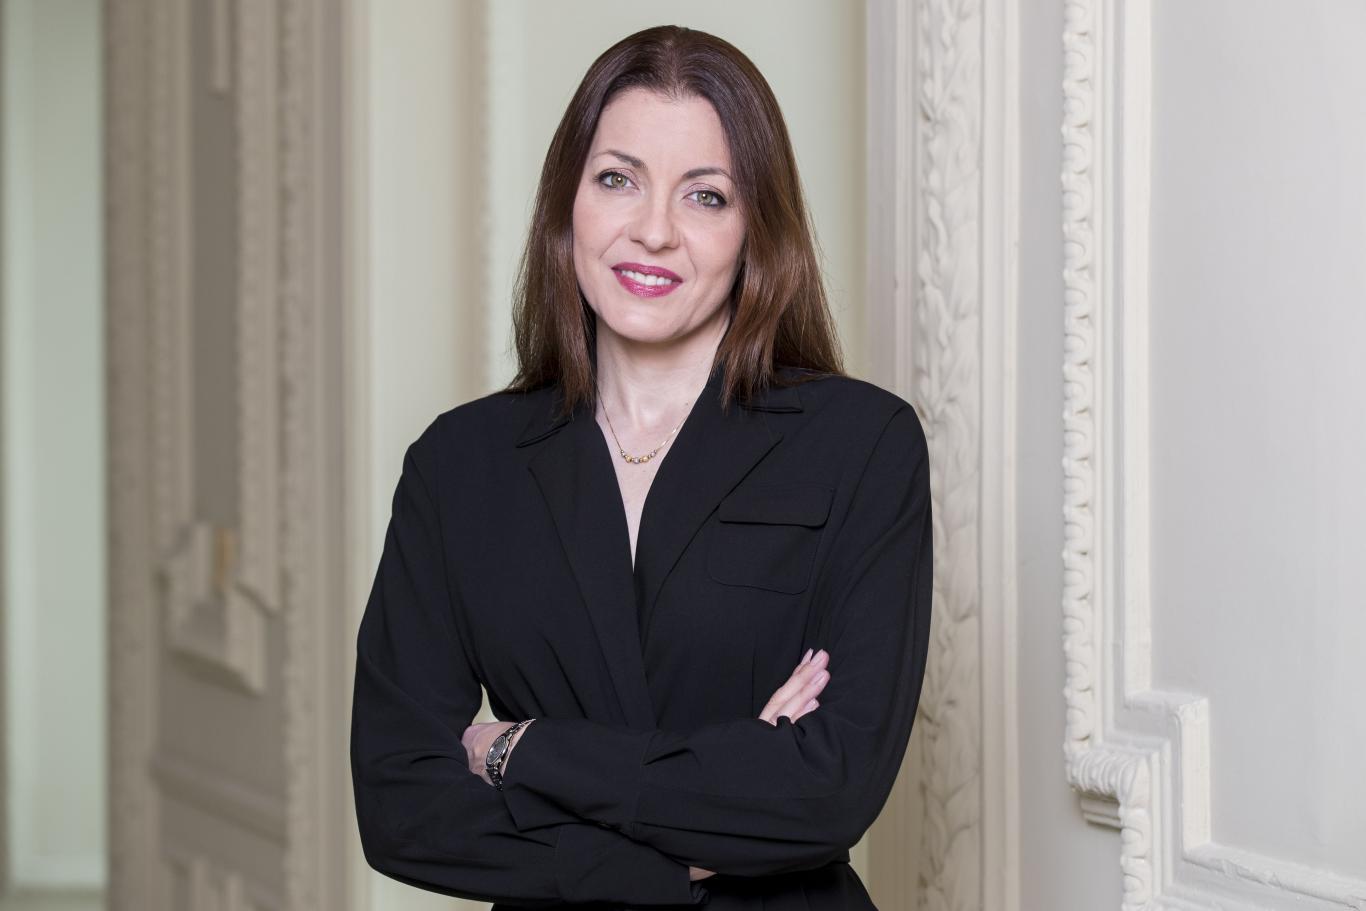 María Dolores Moreno Molino